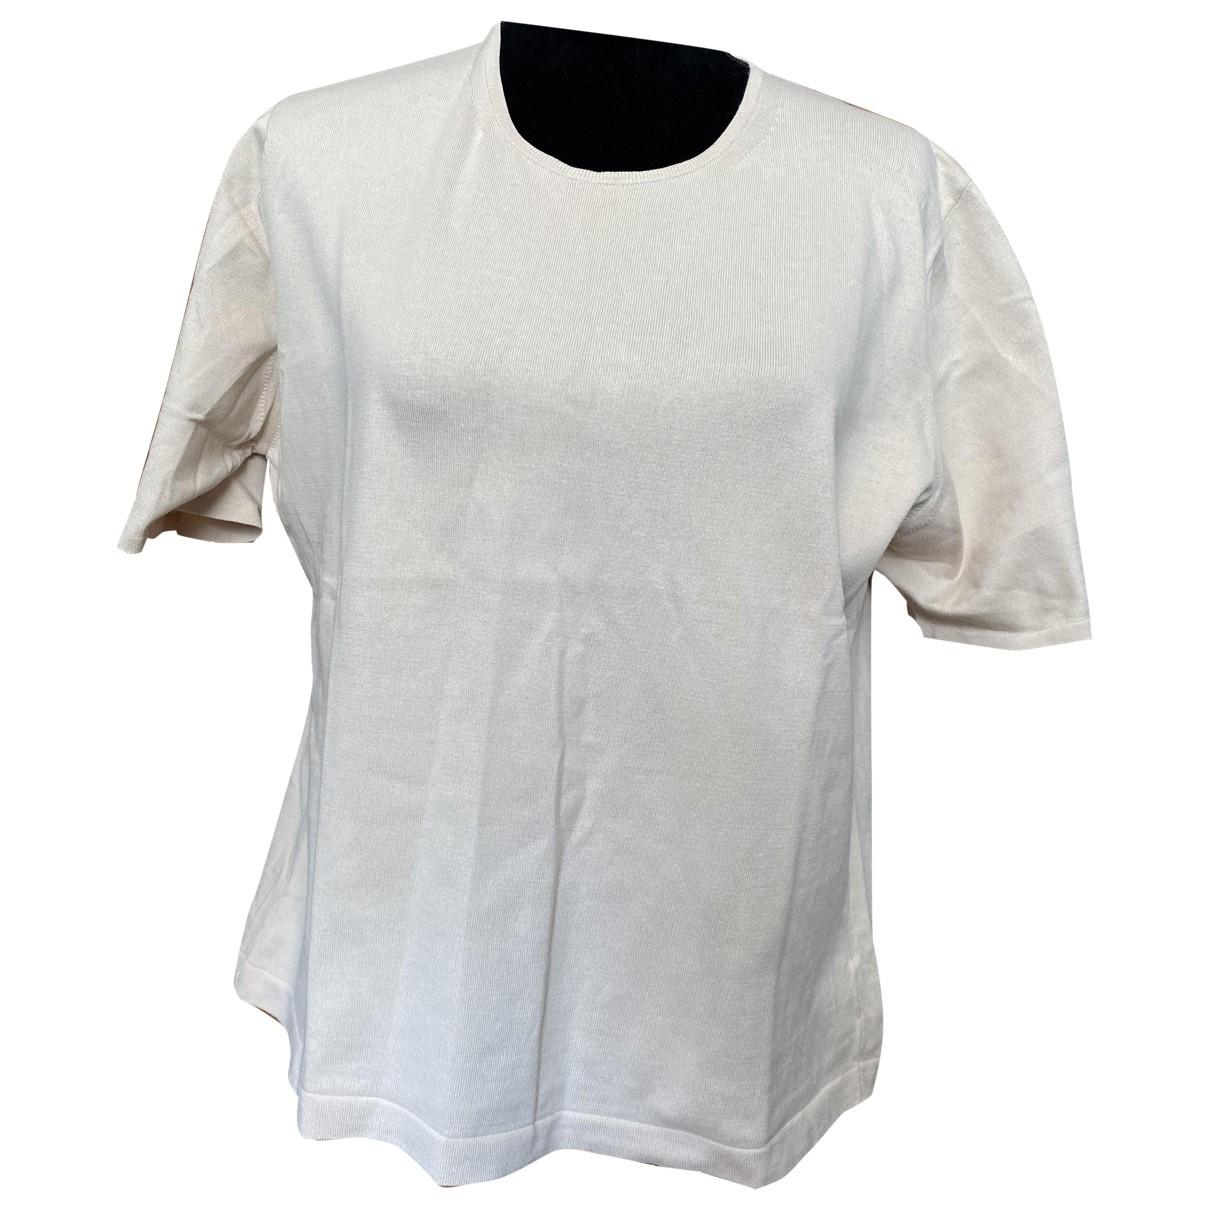 Jaeger - Top   pour femme en coton - beige